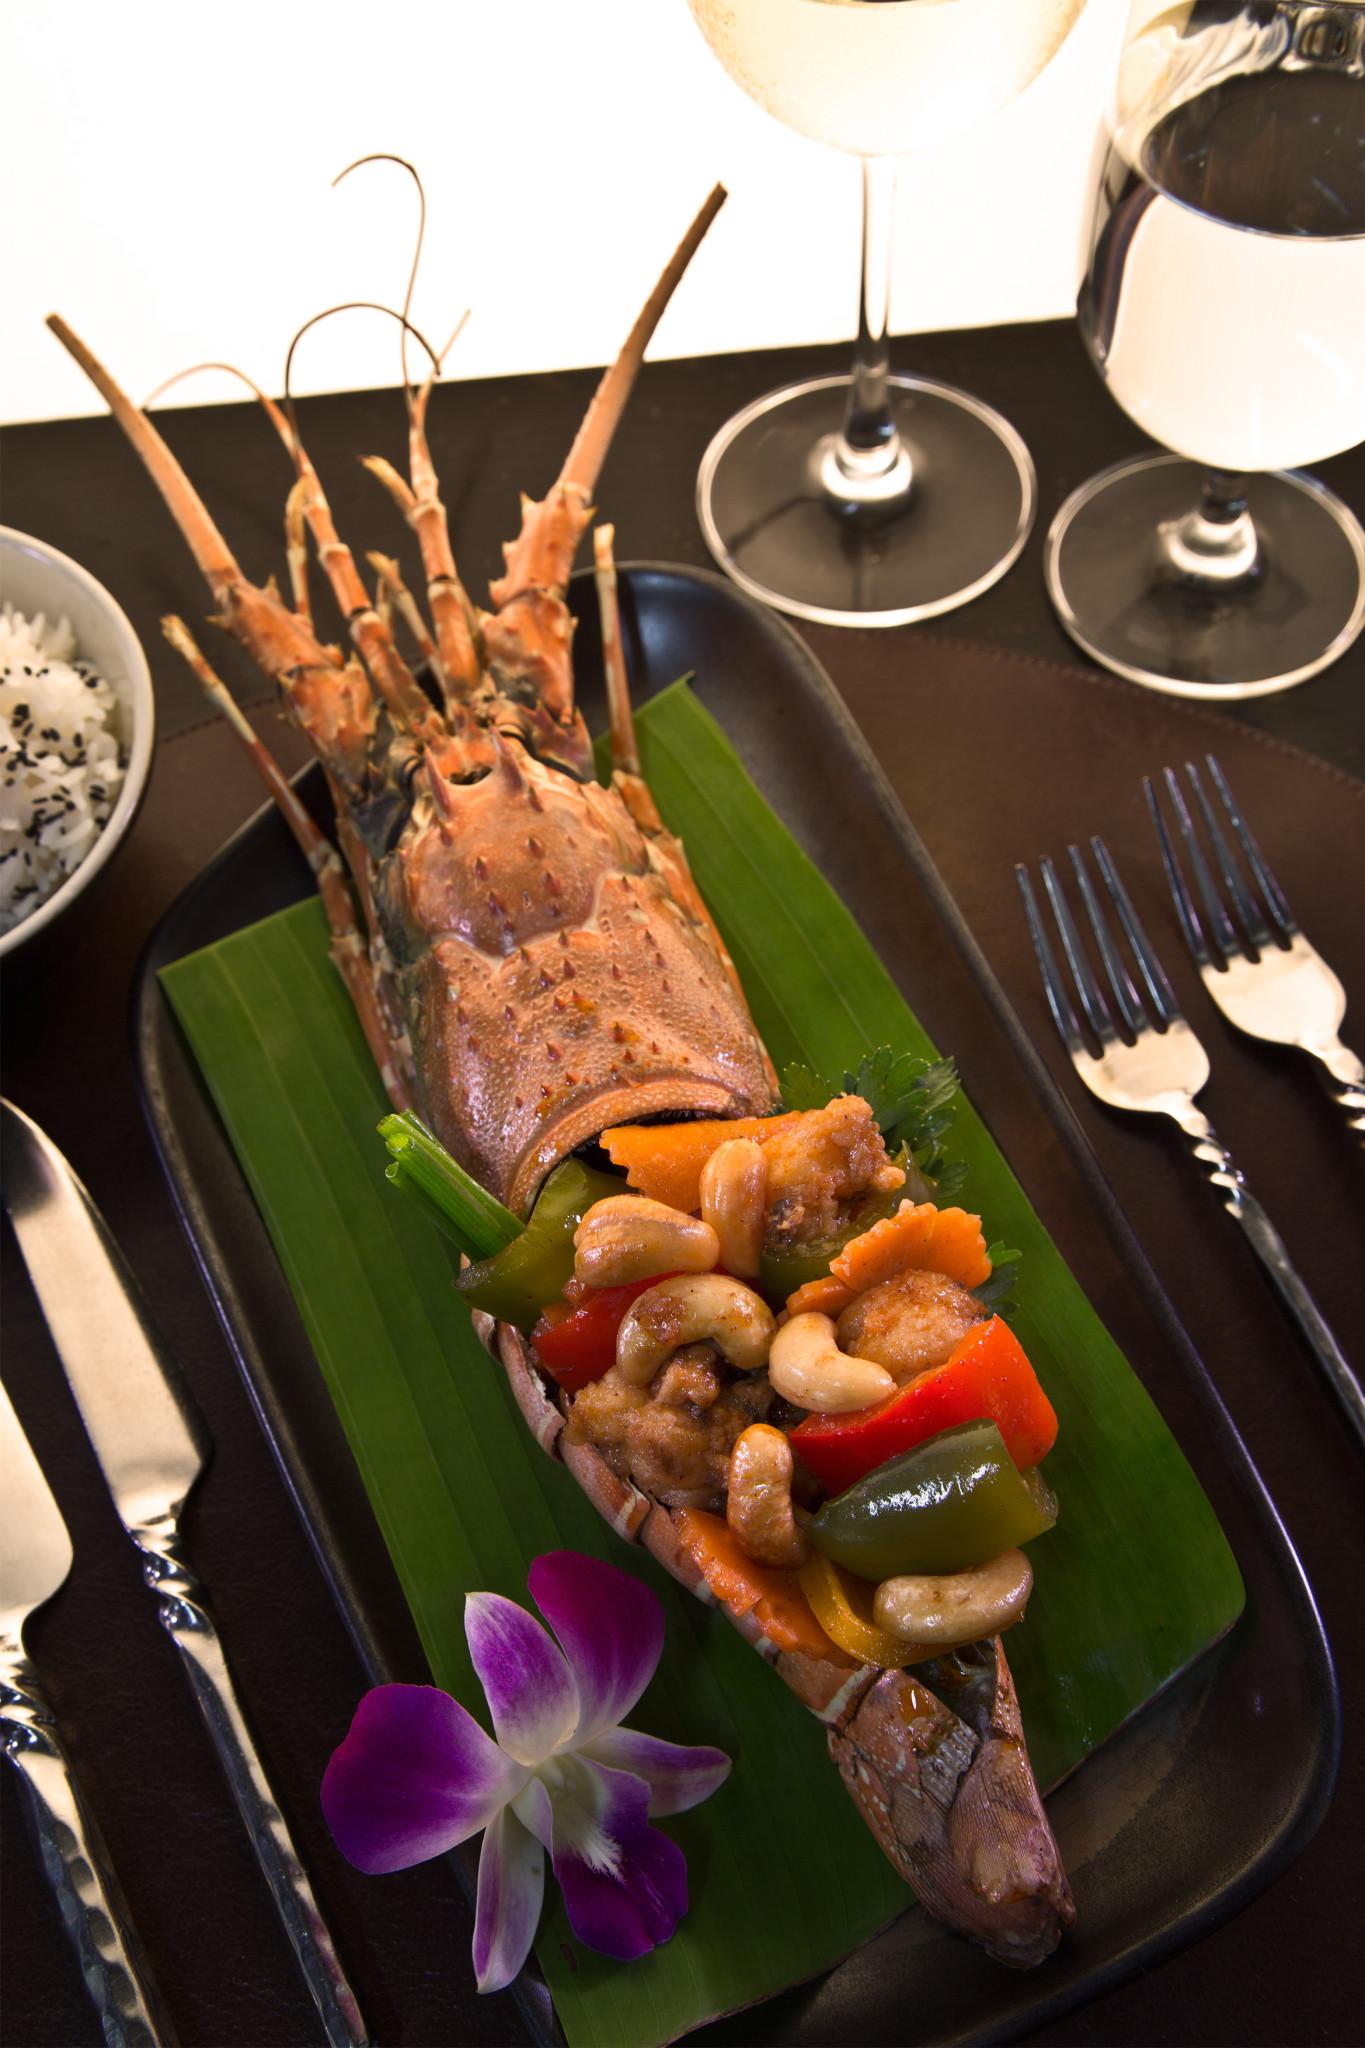 APK_62152668_La_Sala_Phuket_Lobster